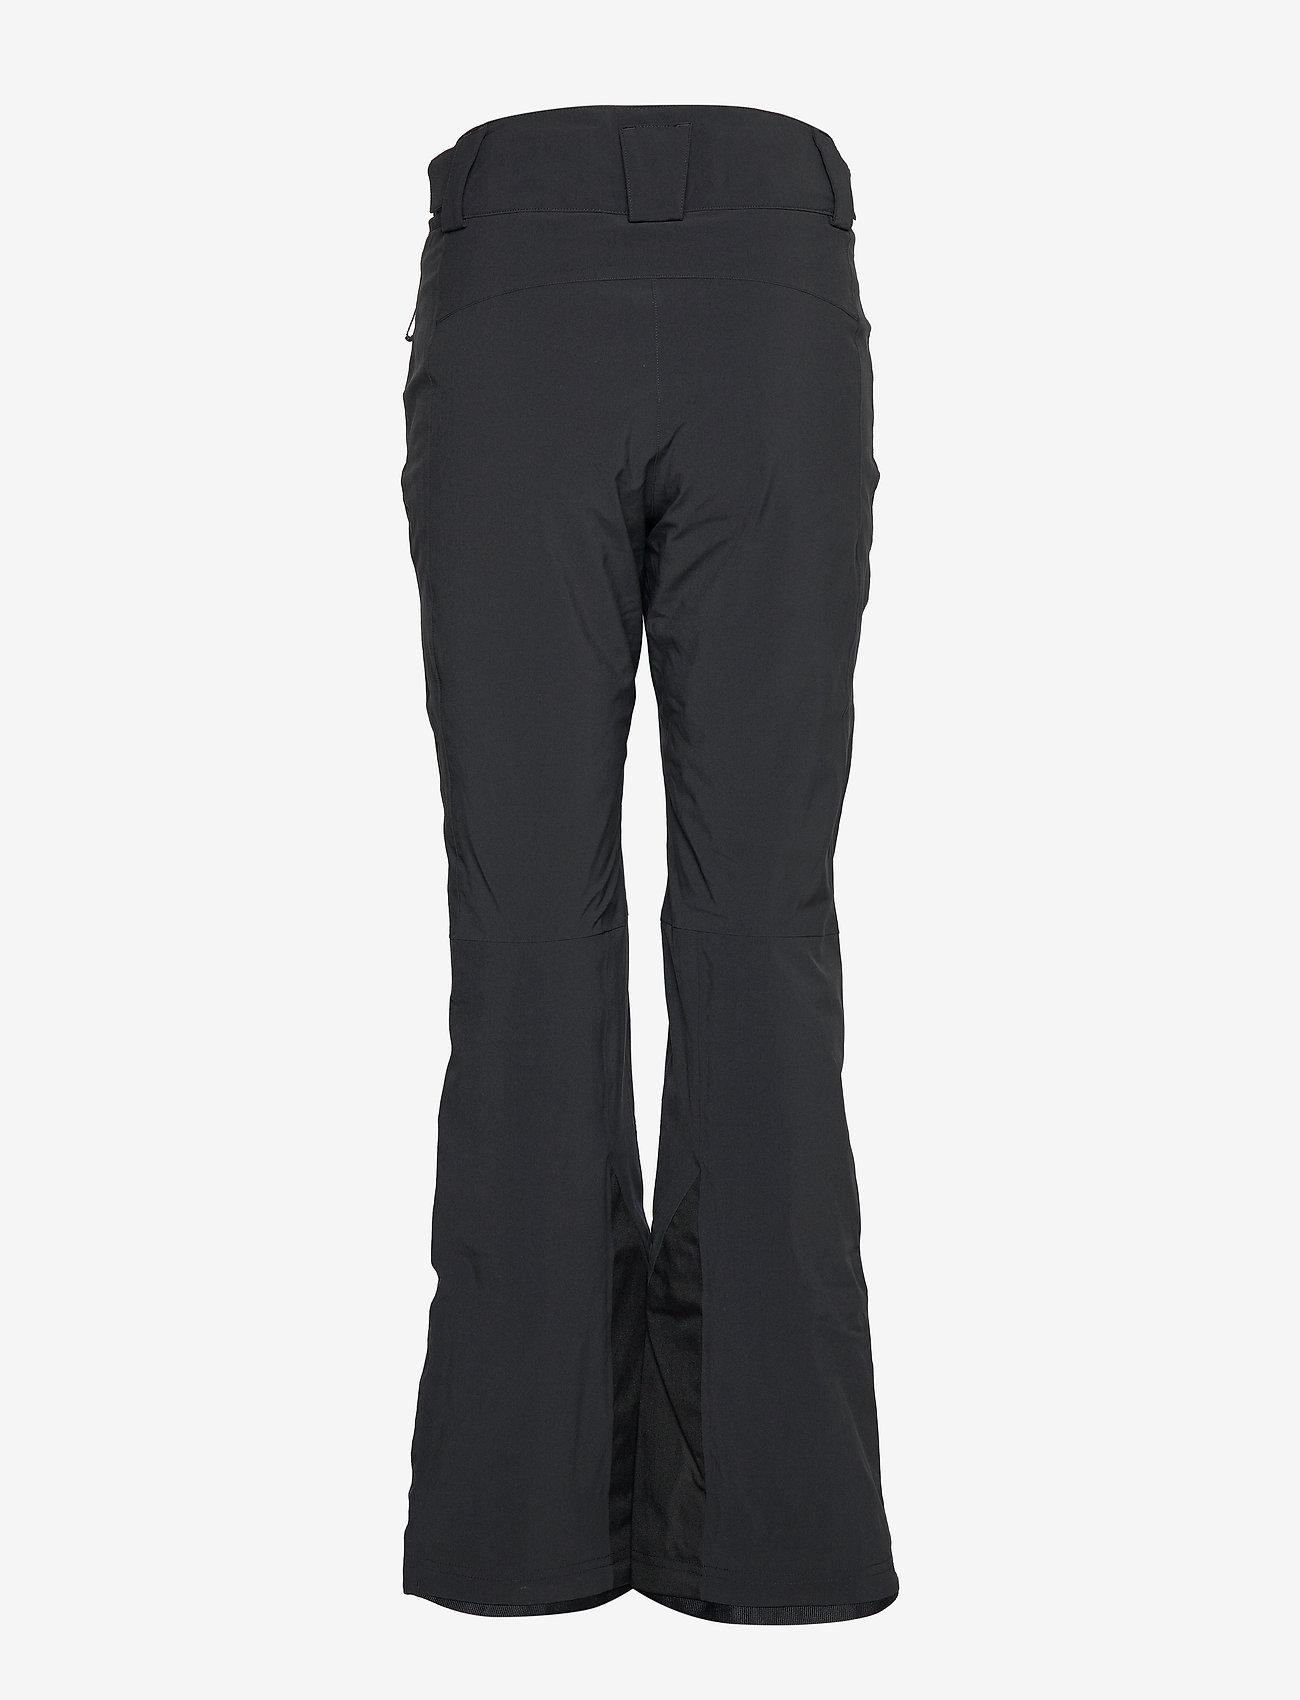 Salomon - ICEMANIA PANT W - spodnie narciarskie - black - 1